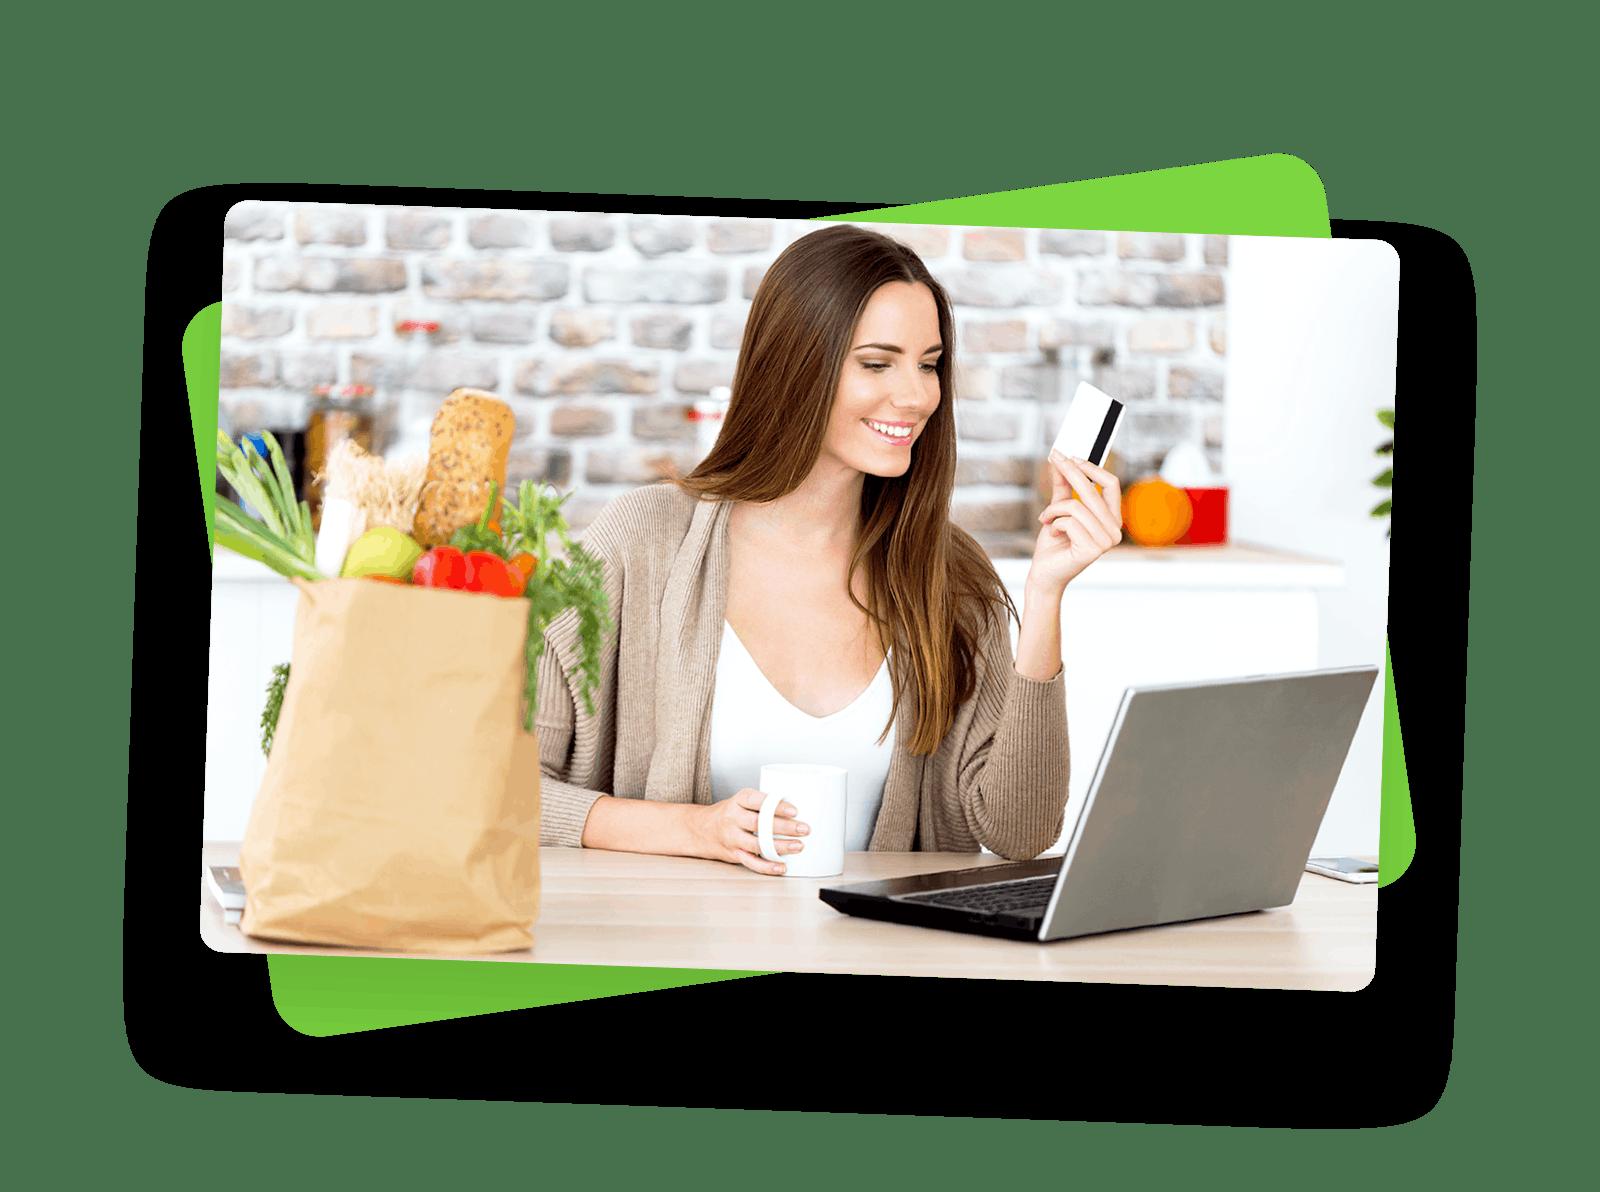 La spesa online a domicilio sicura EasyCoop.